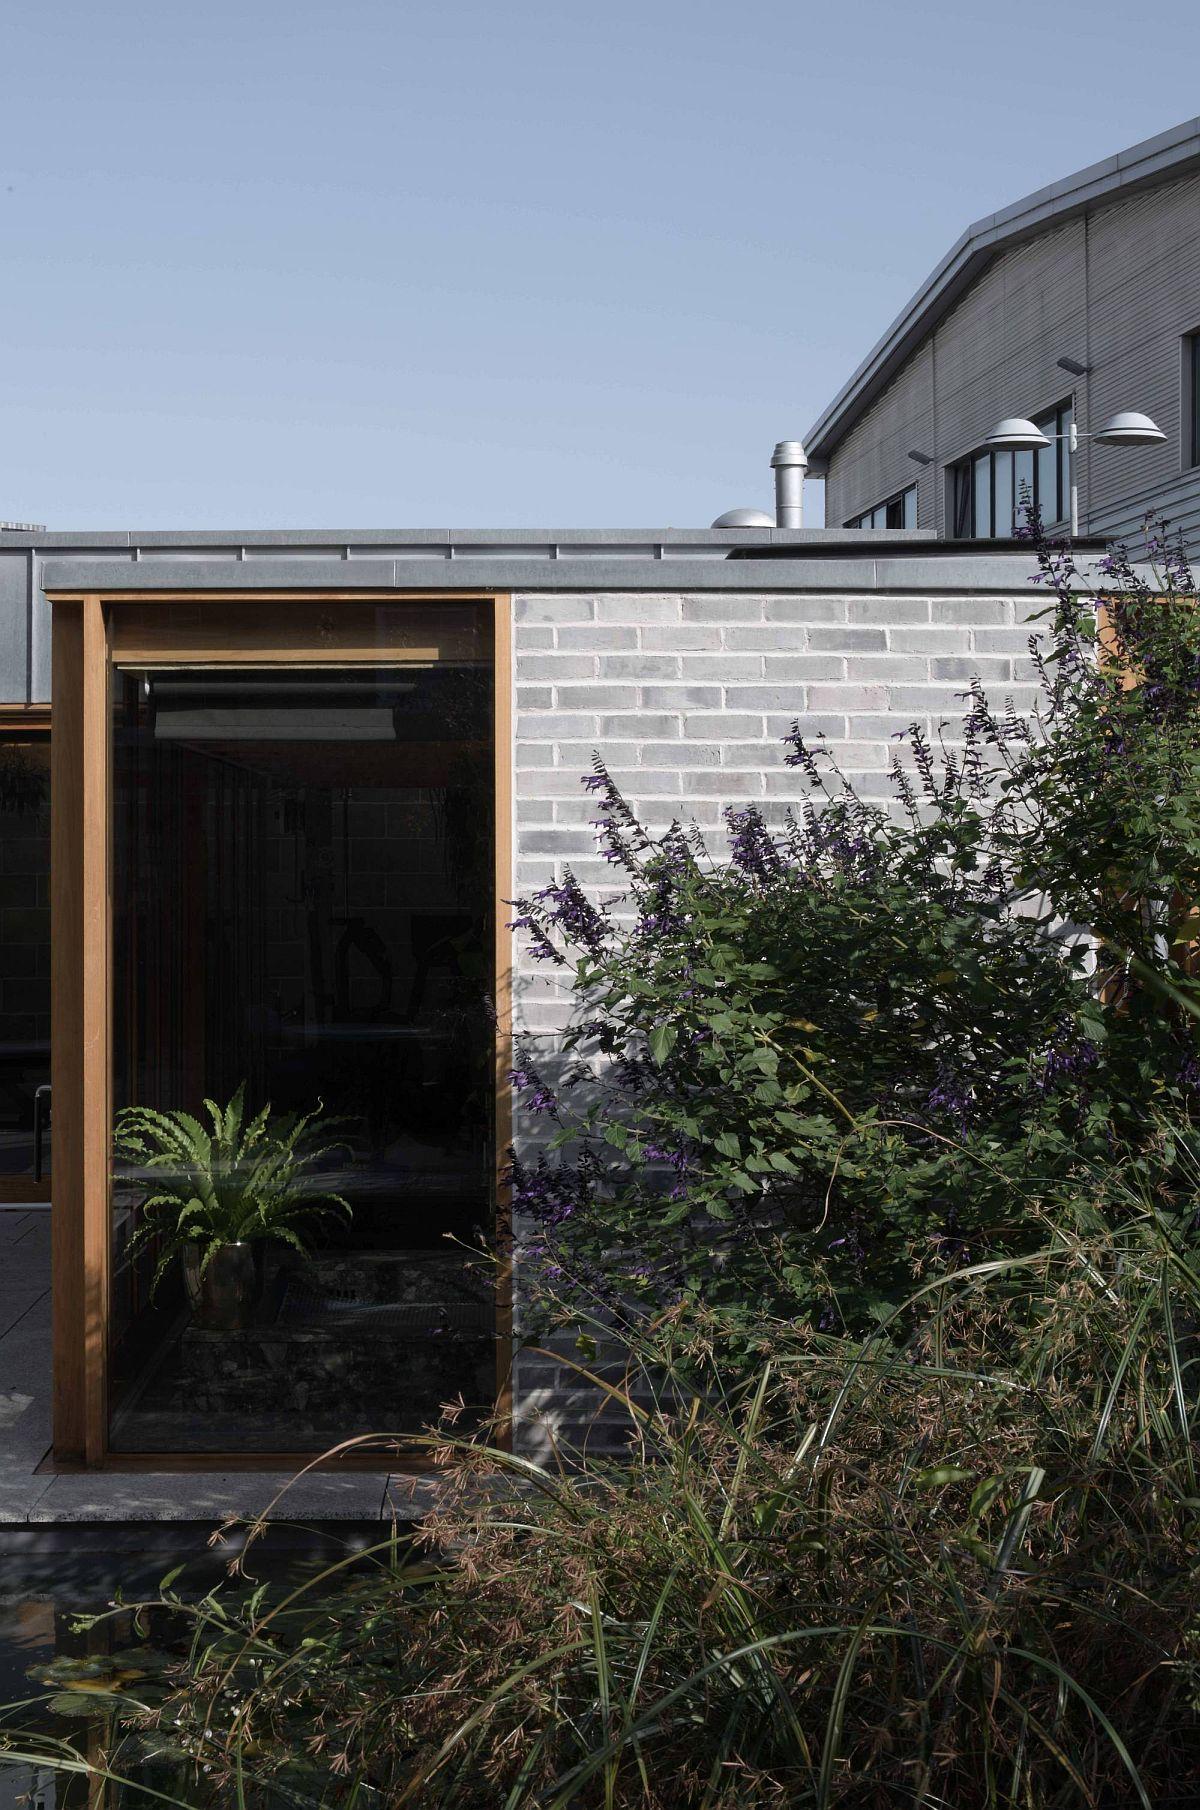 Les murs en parpaings exposés, le bois et le verre forment la belle évasion de la cour arrière